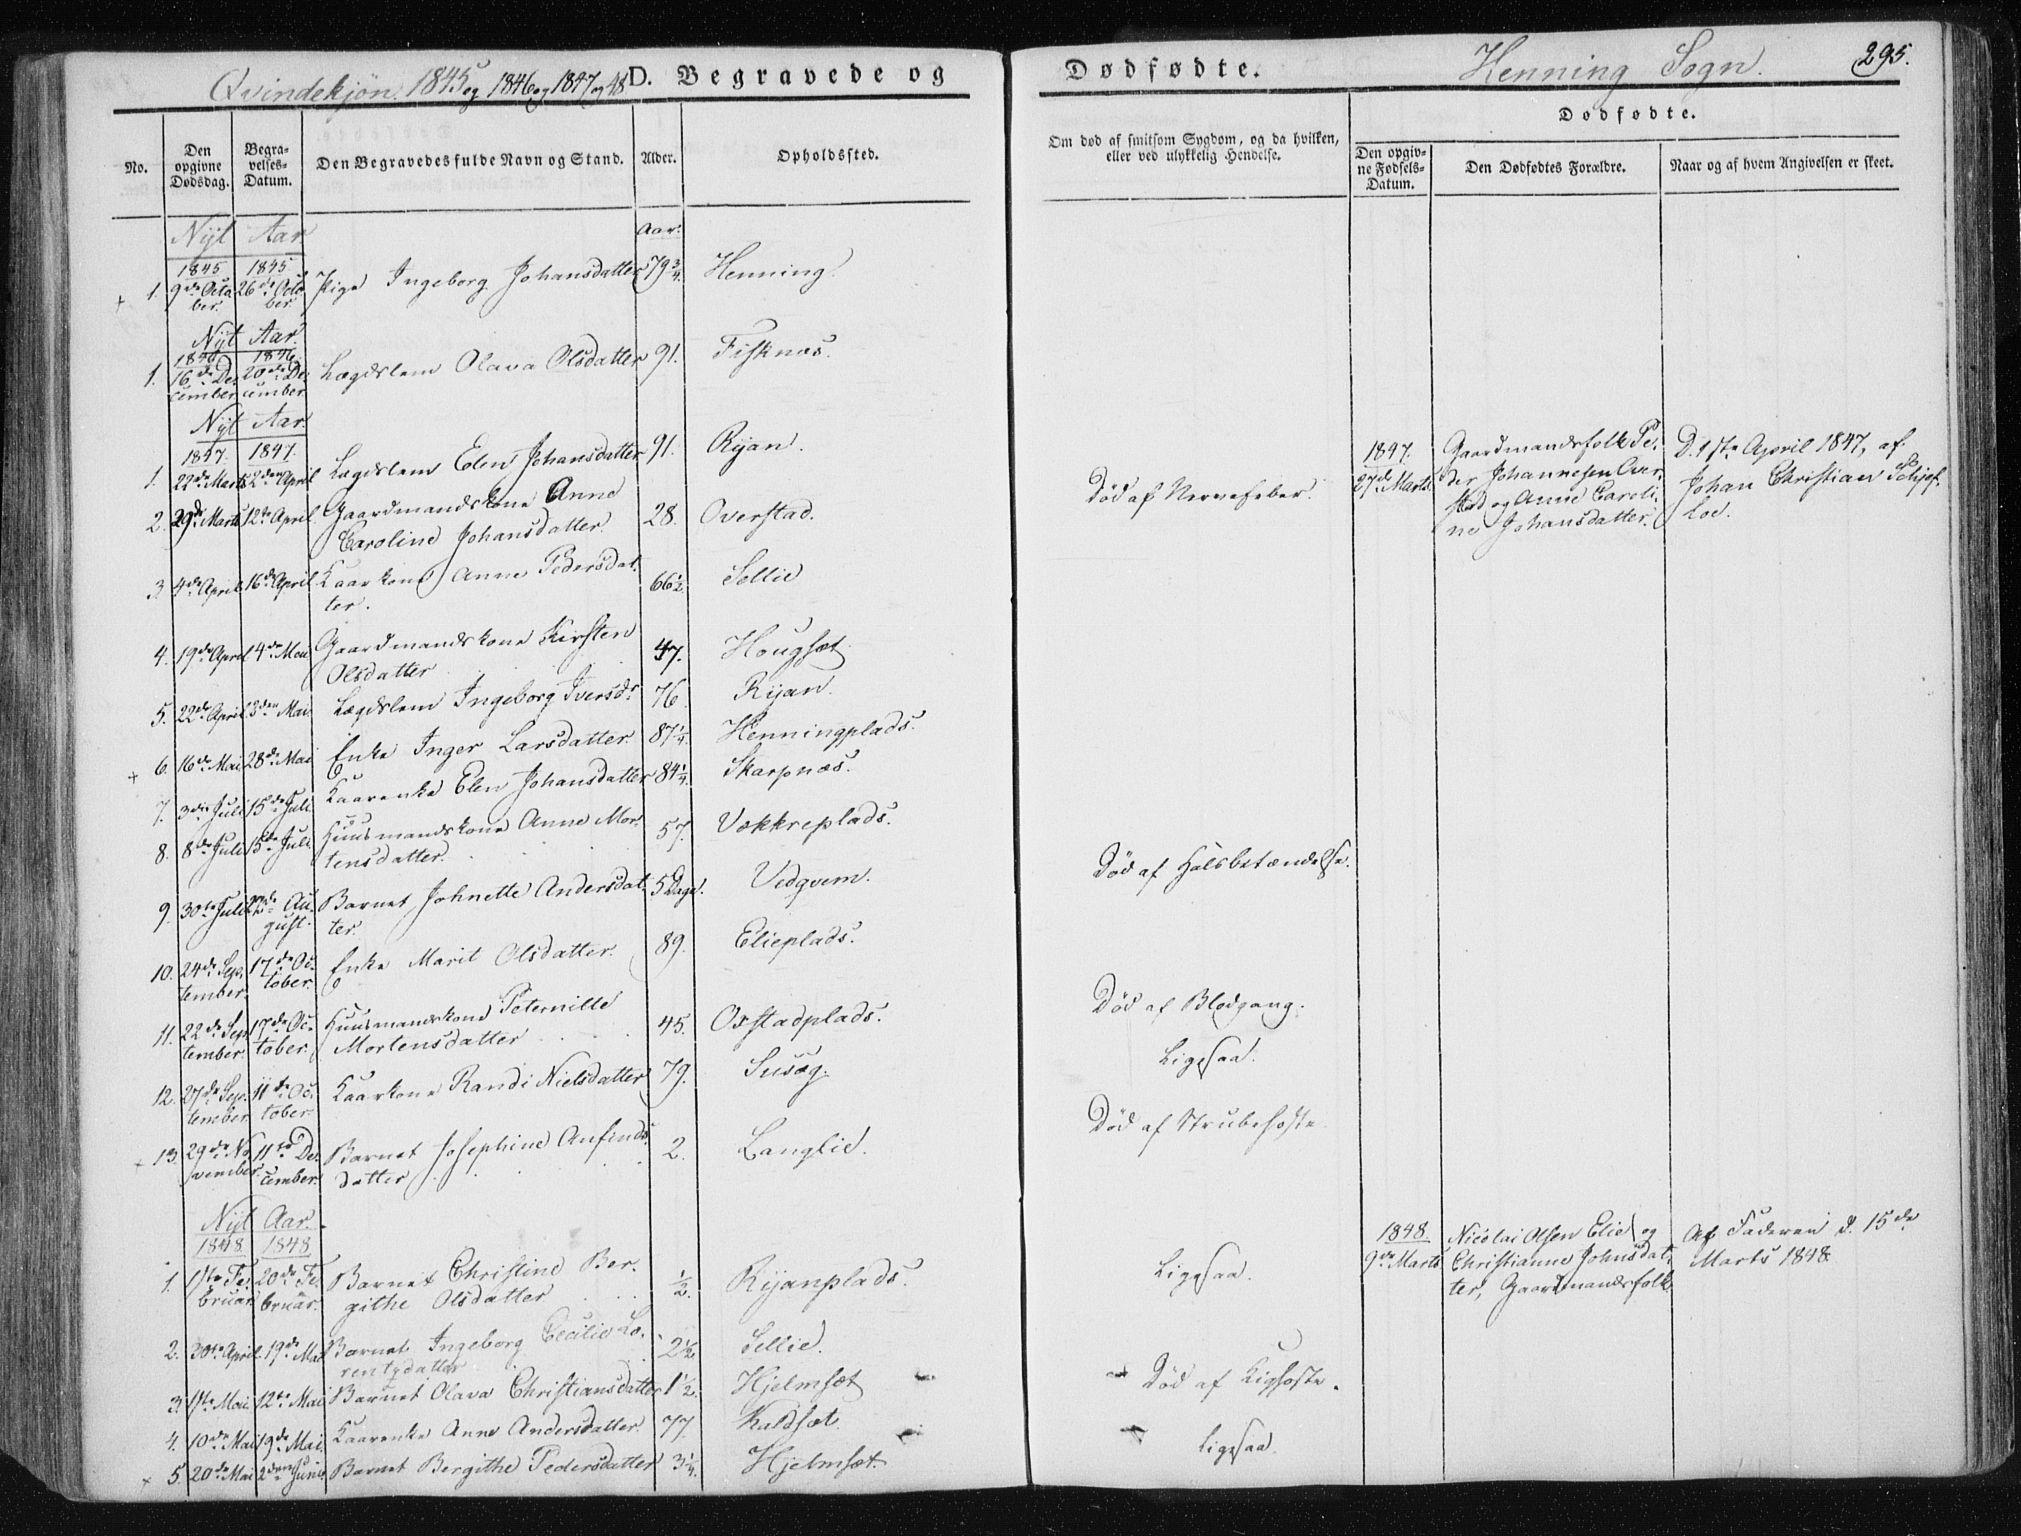 SAT, Ministerialprotokoller, klokkerbøker og fødselsregistre - Nord-Trøndelag, 735/L0339: Ministerialbok nr. 735A06 /3, 1836-1848, s. 295